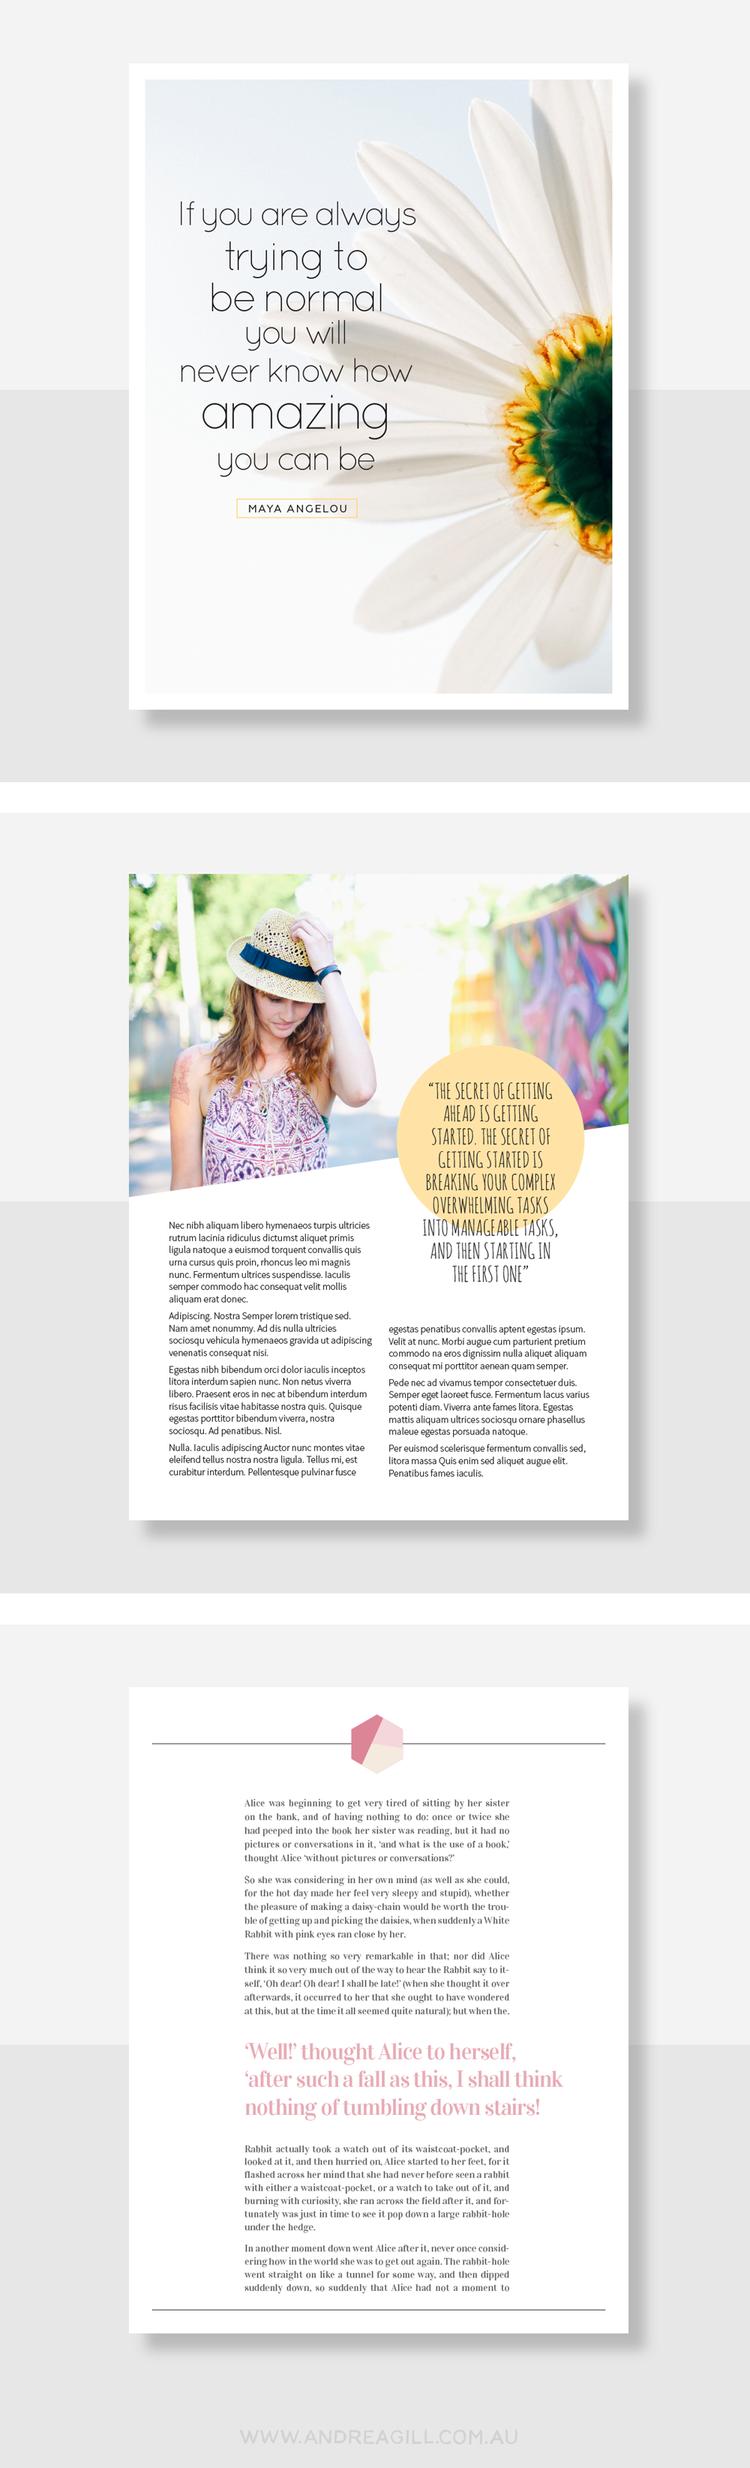 4 simple design ideas for pdf ebooks andrea gill ebook design 4 simple design ideas for pdf ebooks andrea gill ebook design fandeluxe Image collections